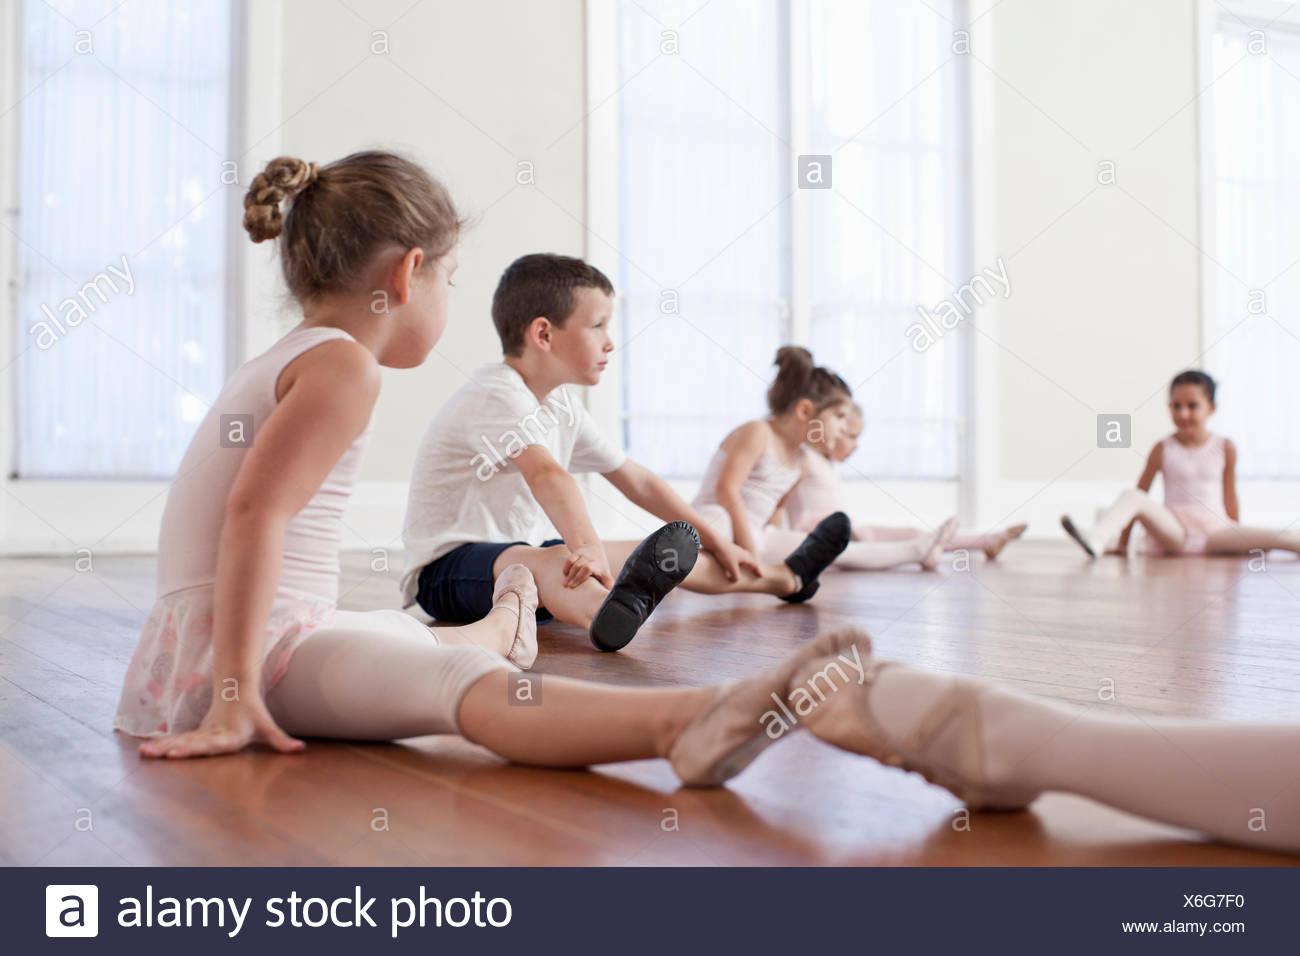 Children sitting on floor practicing ballet position in ballet school - Stock Image